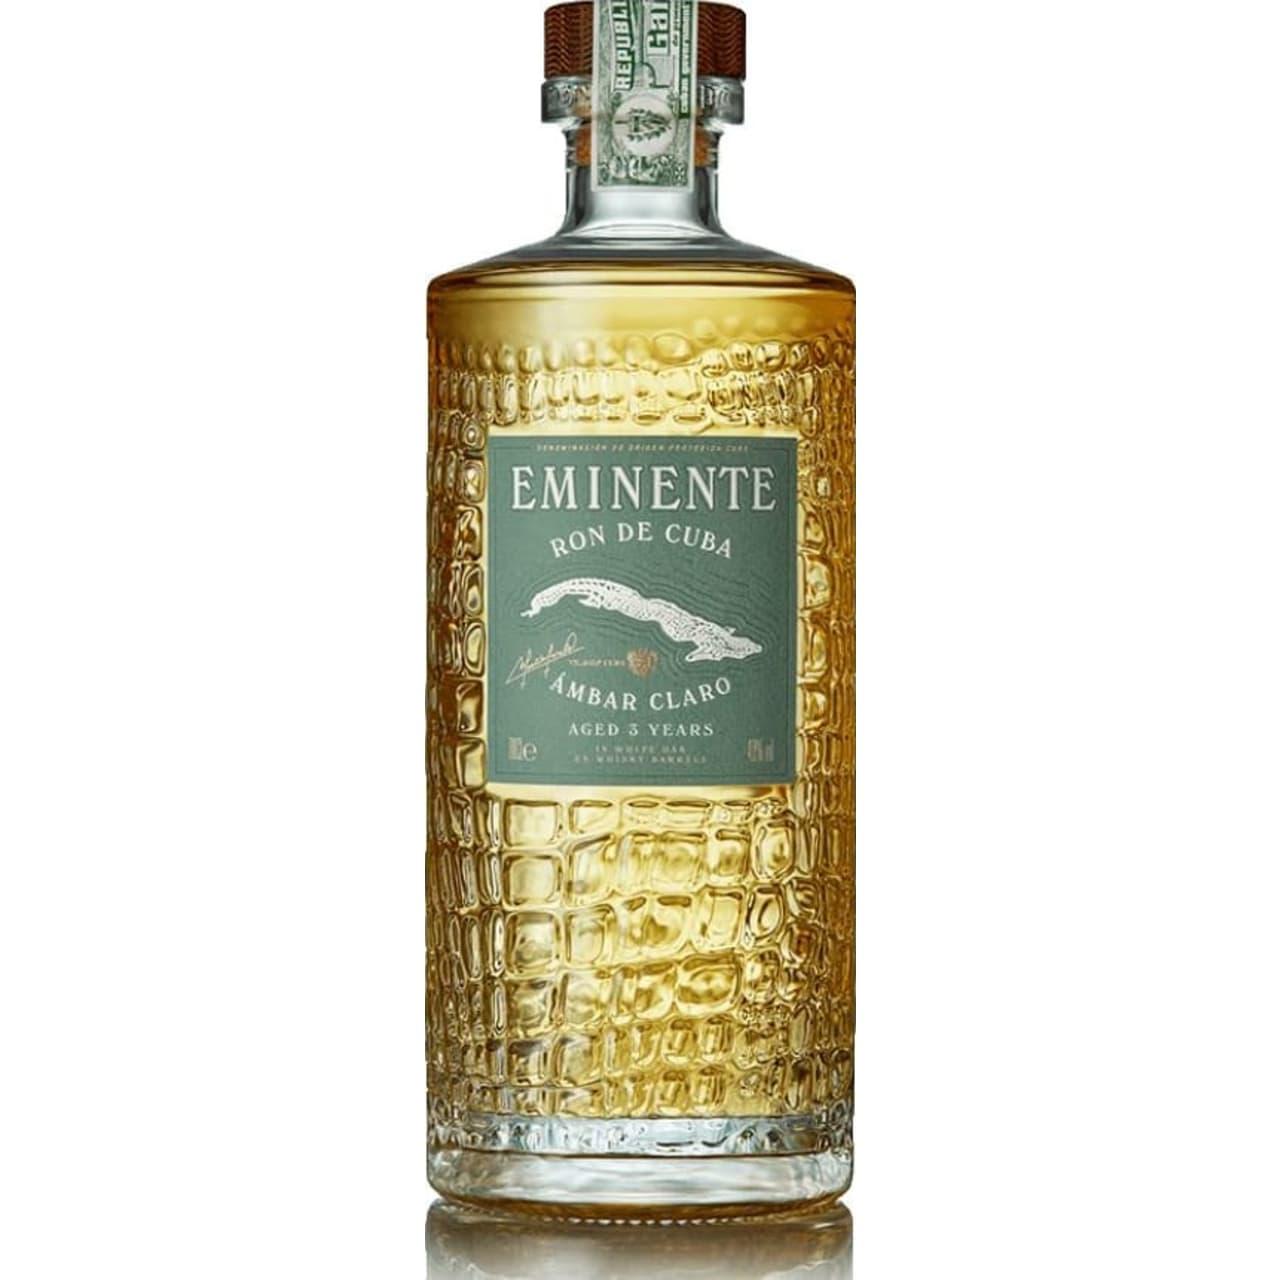 Product Image - Eminente Ambar Claro Rum